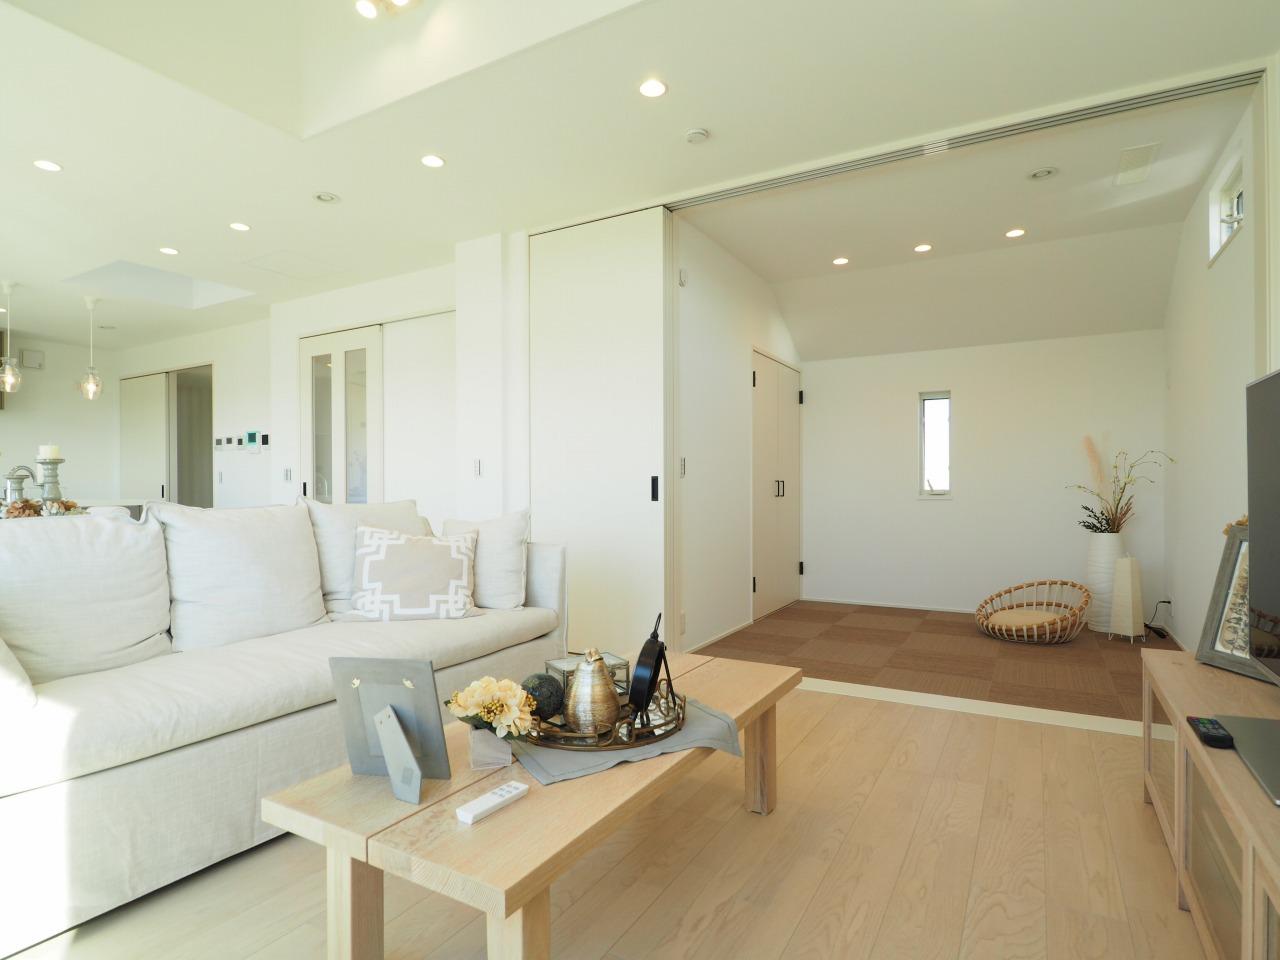 モデルハウス/住宅展示場情報:千里円山の丘モデルハウスのスライダー用サムネイル画像